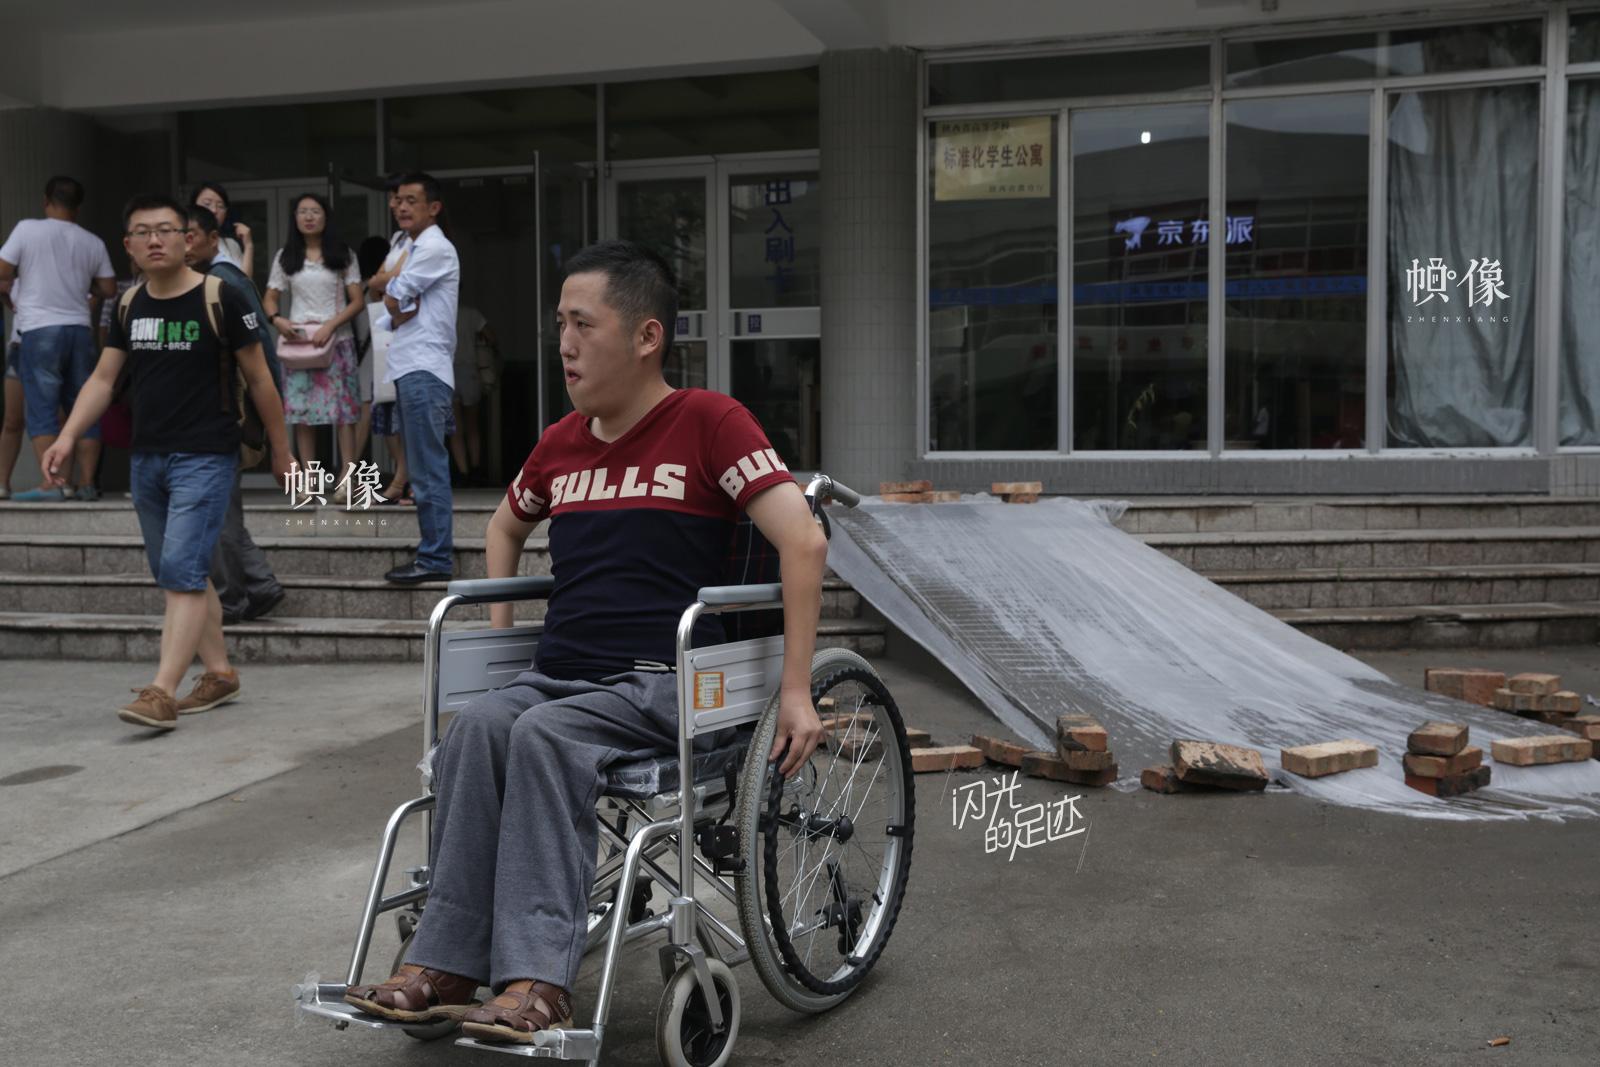 2015年8月31日,陕西西安,西北大学,李坤阳的宿舍和教室都被安排在一楼,有台阶的地方全部设置了无障碍通道,尽量避免了上楼梯。(视觉中国)